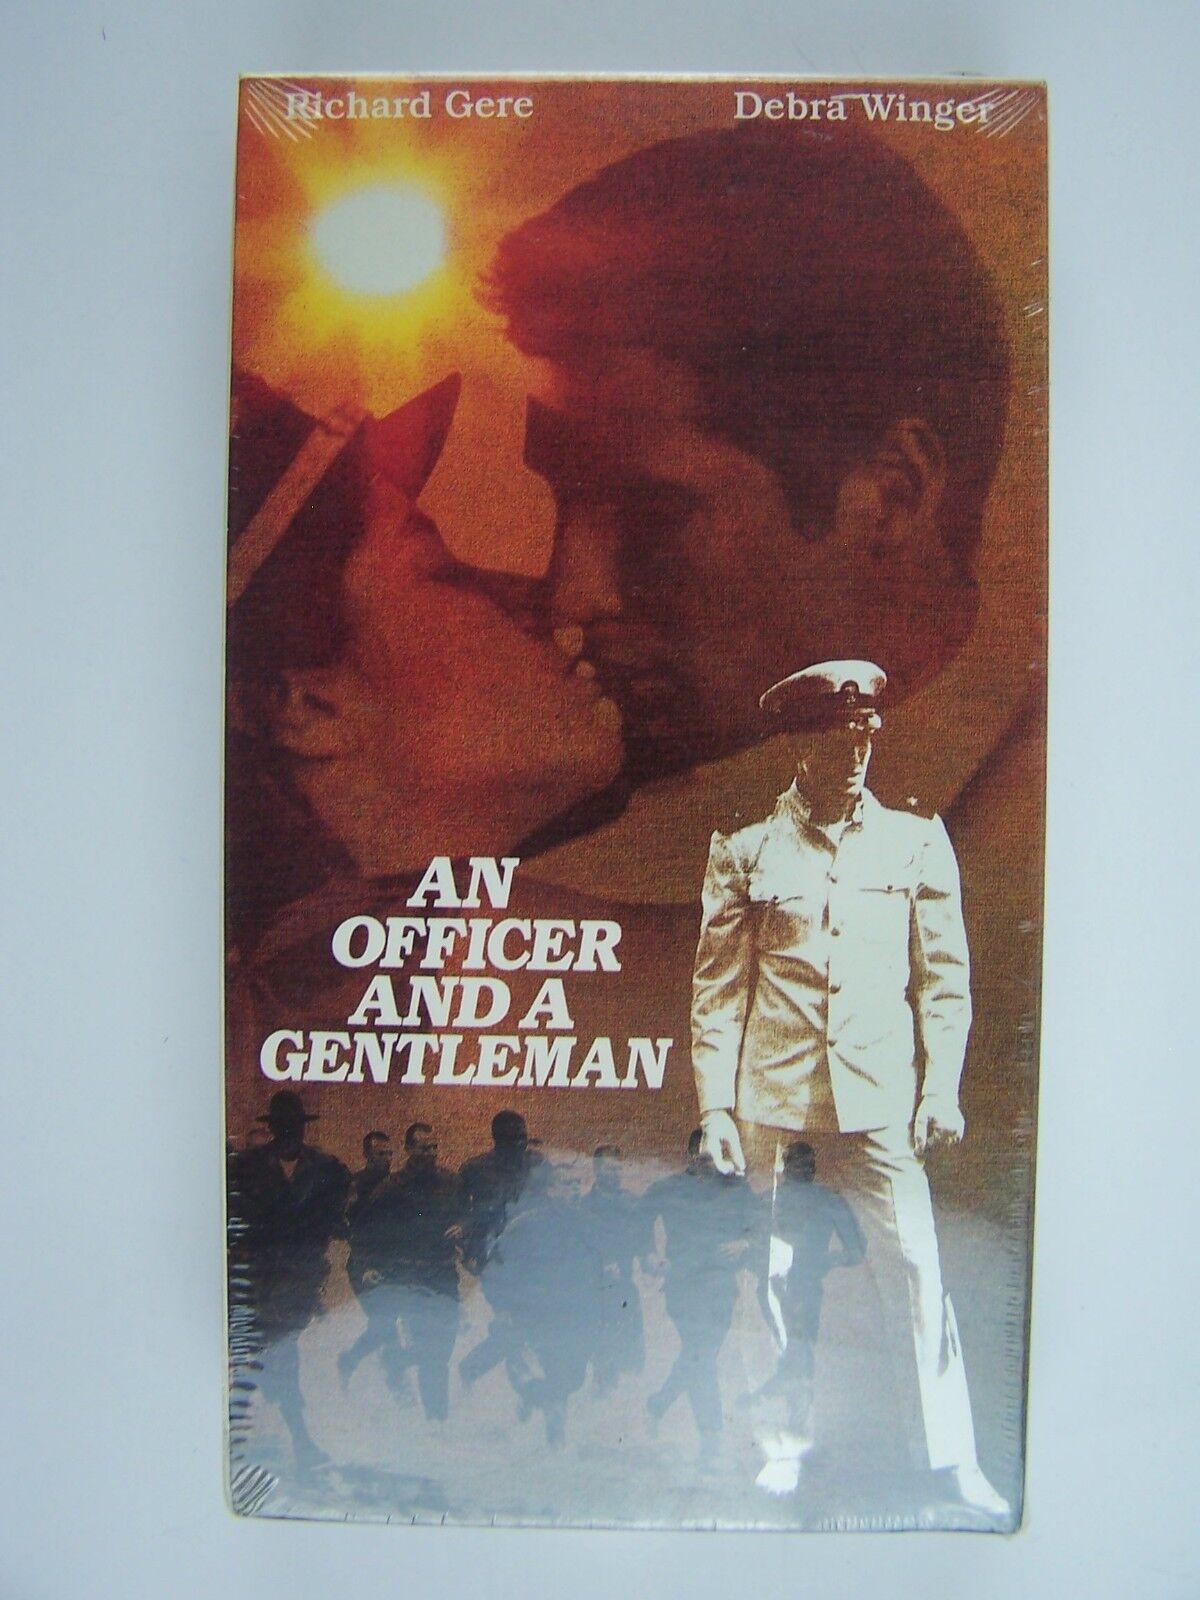 An Officer and A Gentleman VHS Video Richard Gere Debra